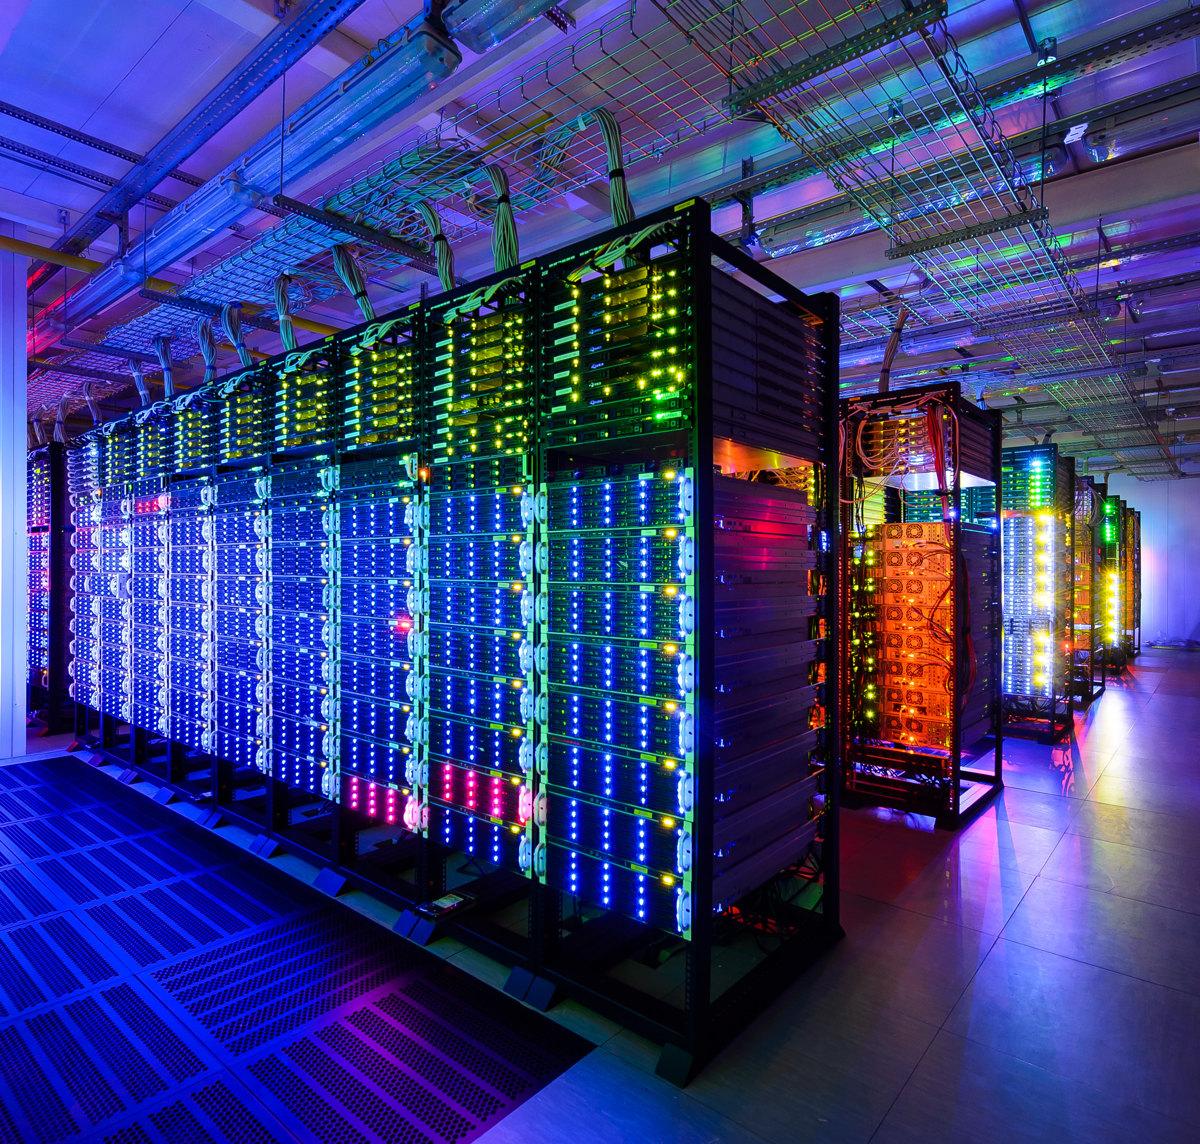 Обслуживание инженерных систем цод: что должно быть в договоре подряда / блог компании dataline / хабр